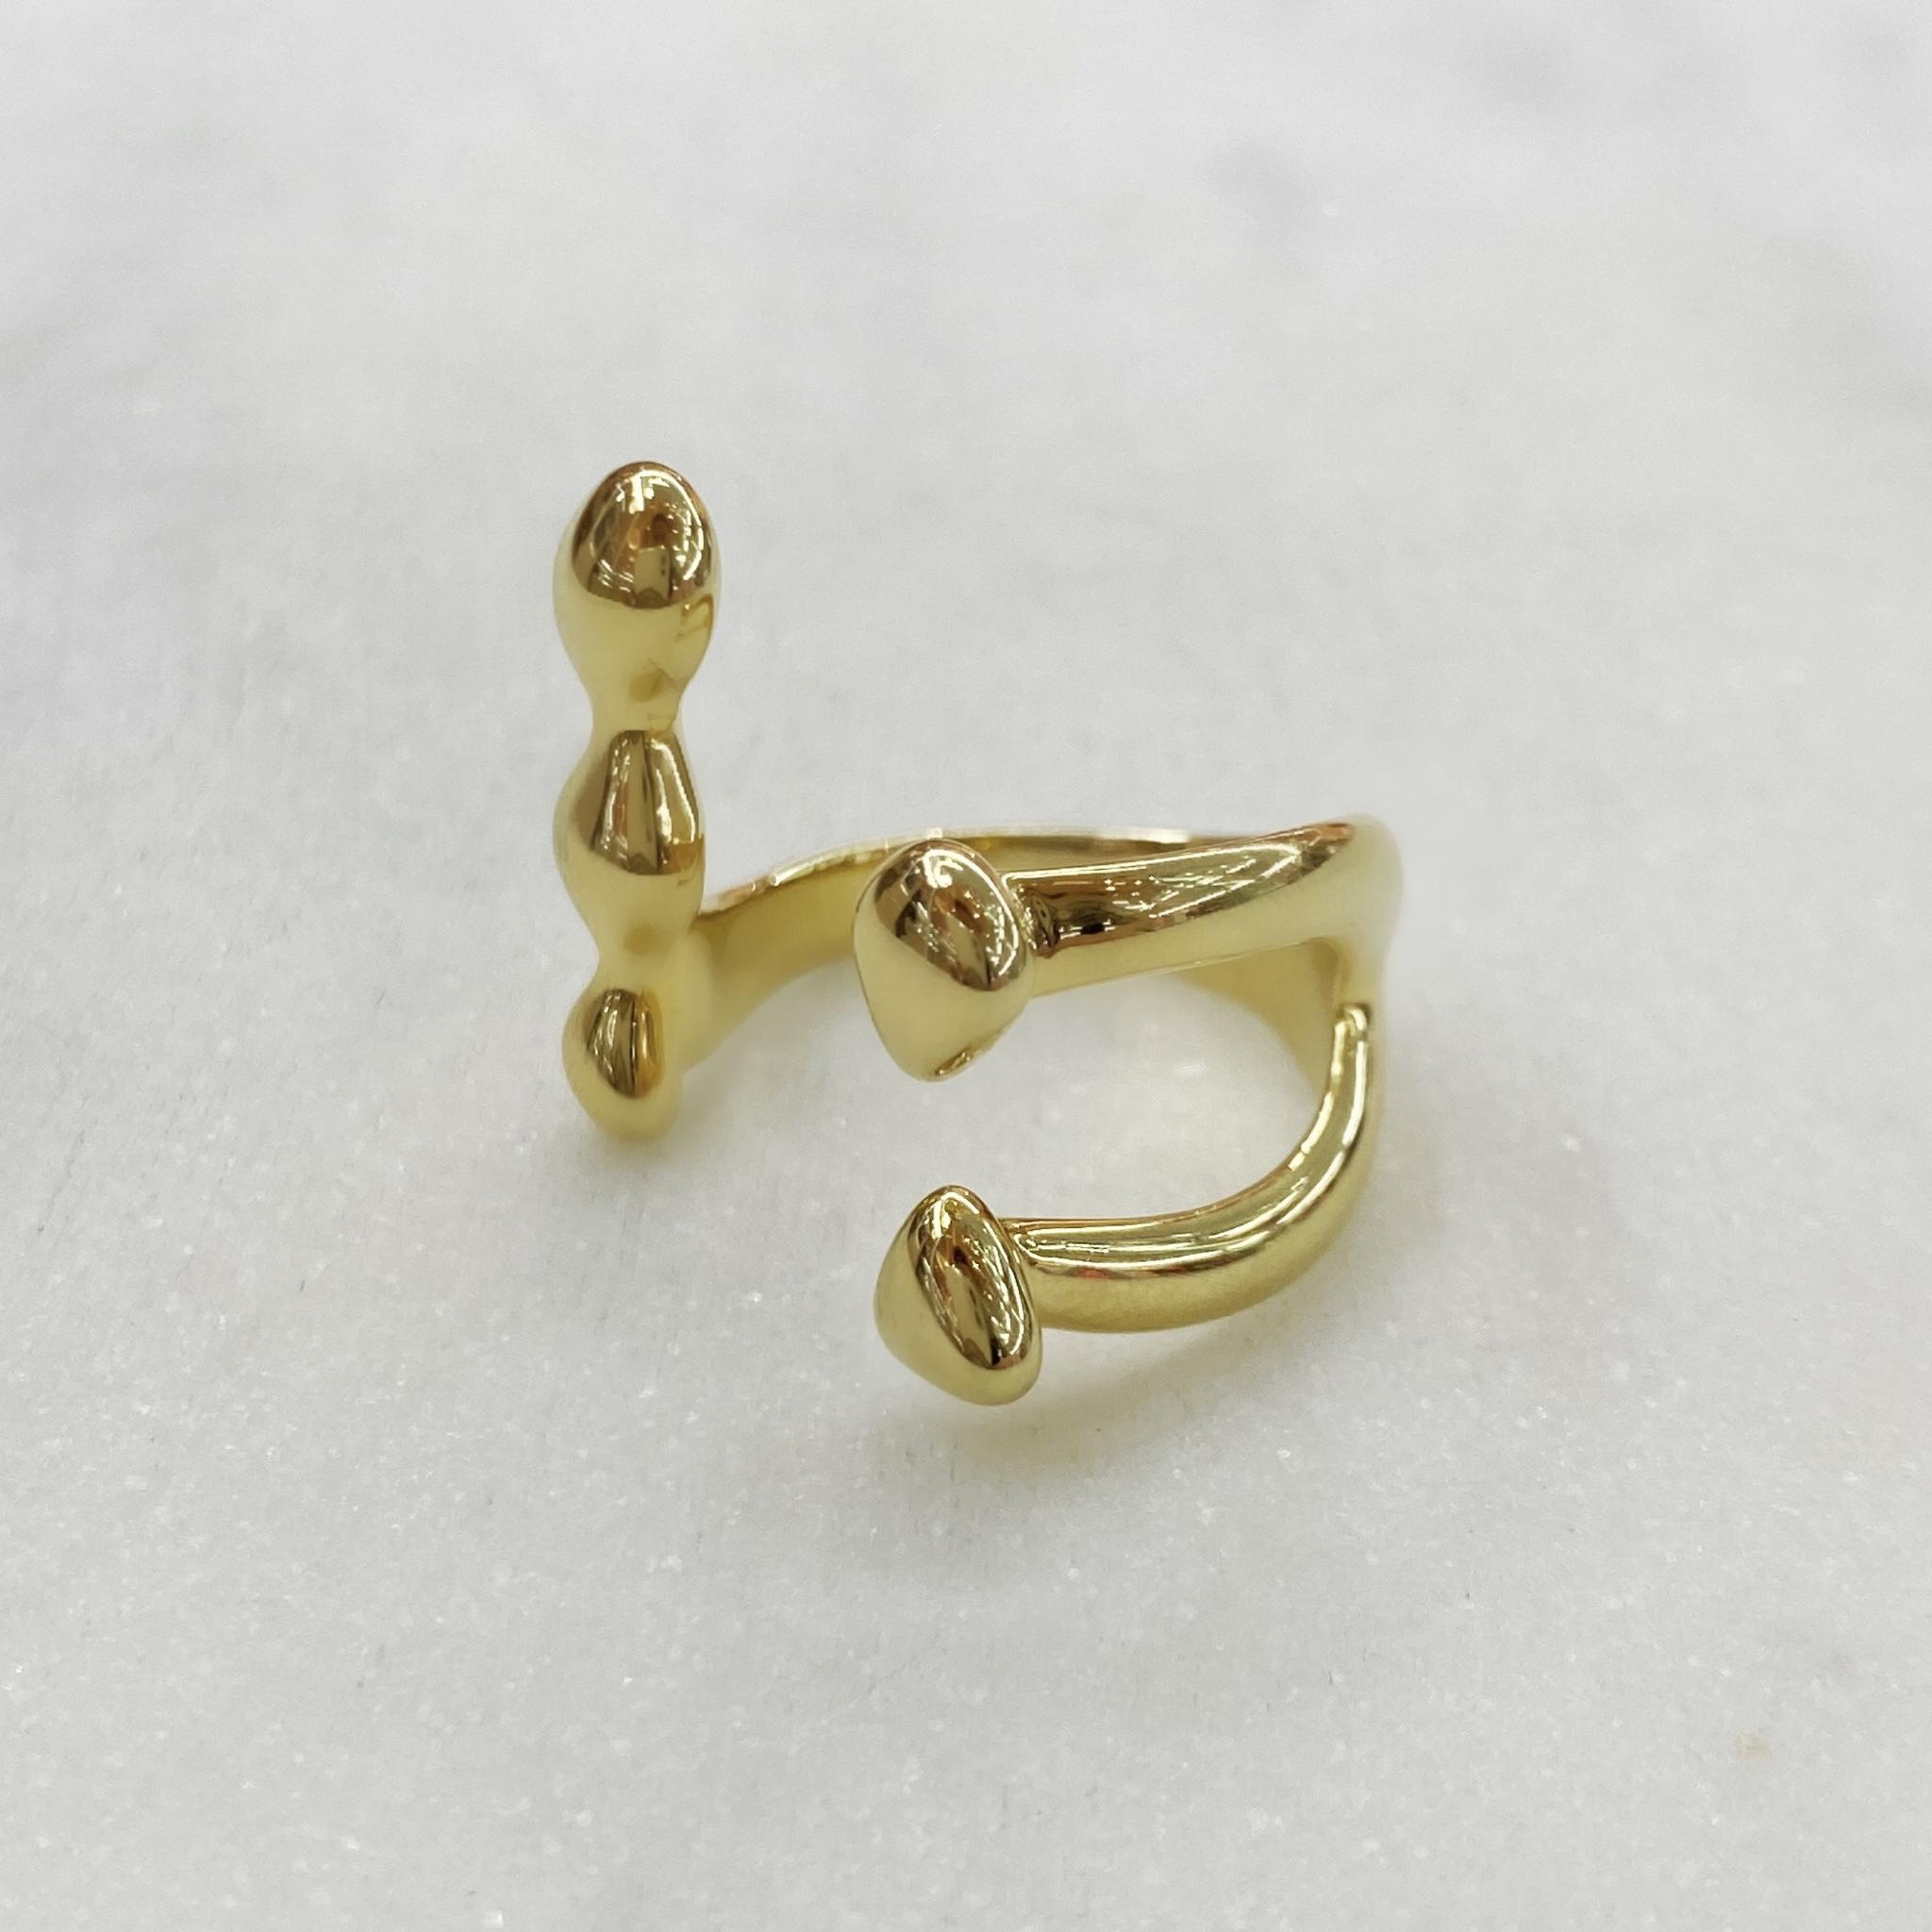 Кольцо Капли разомкнутое free size (золотистый)